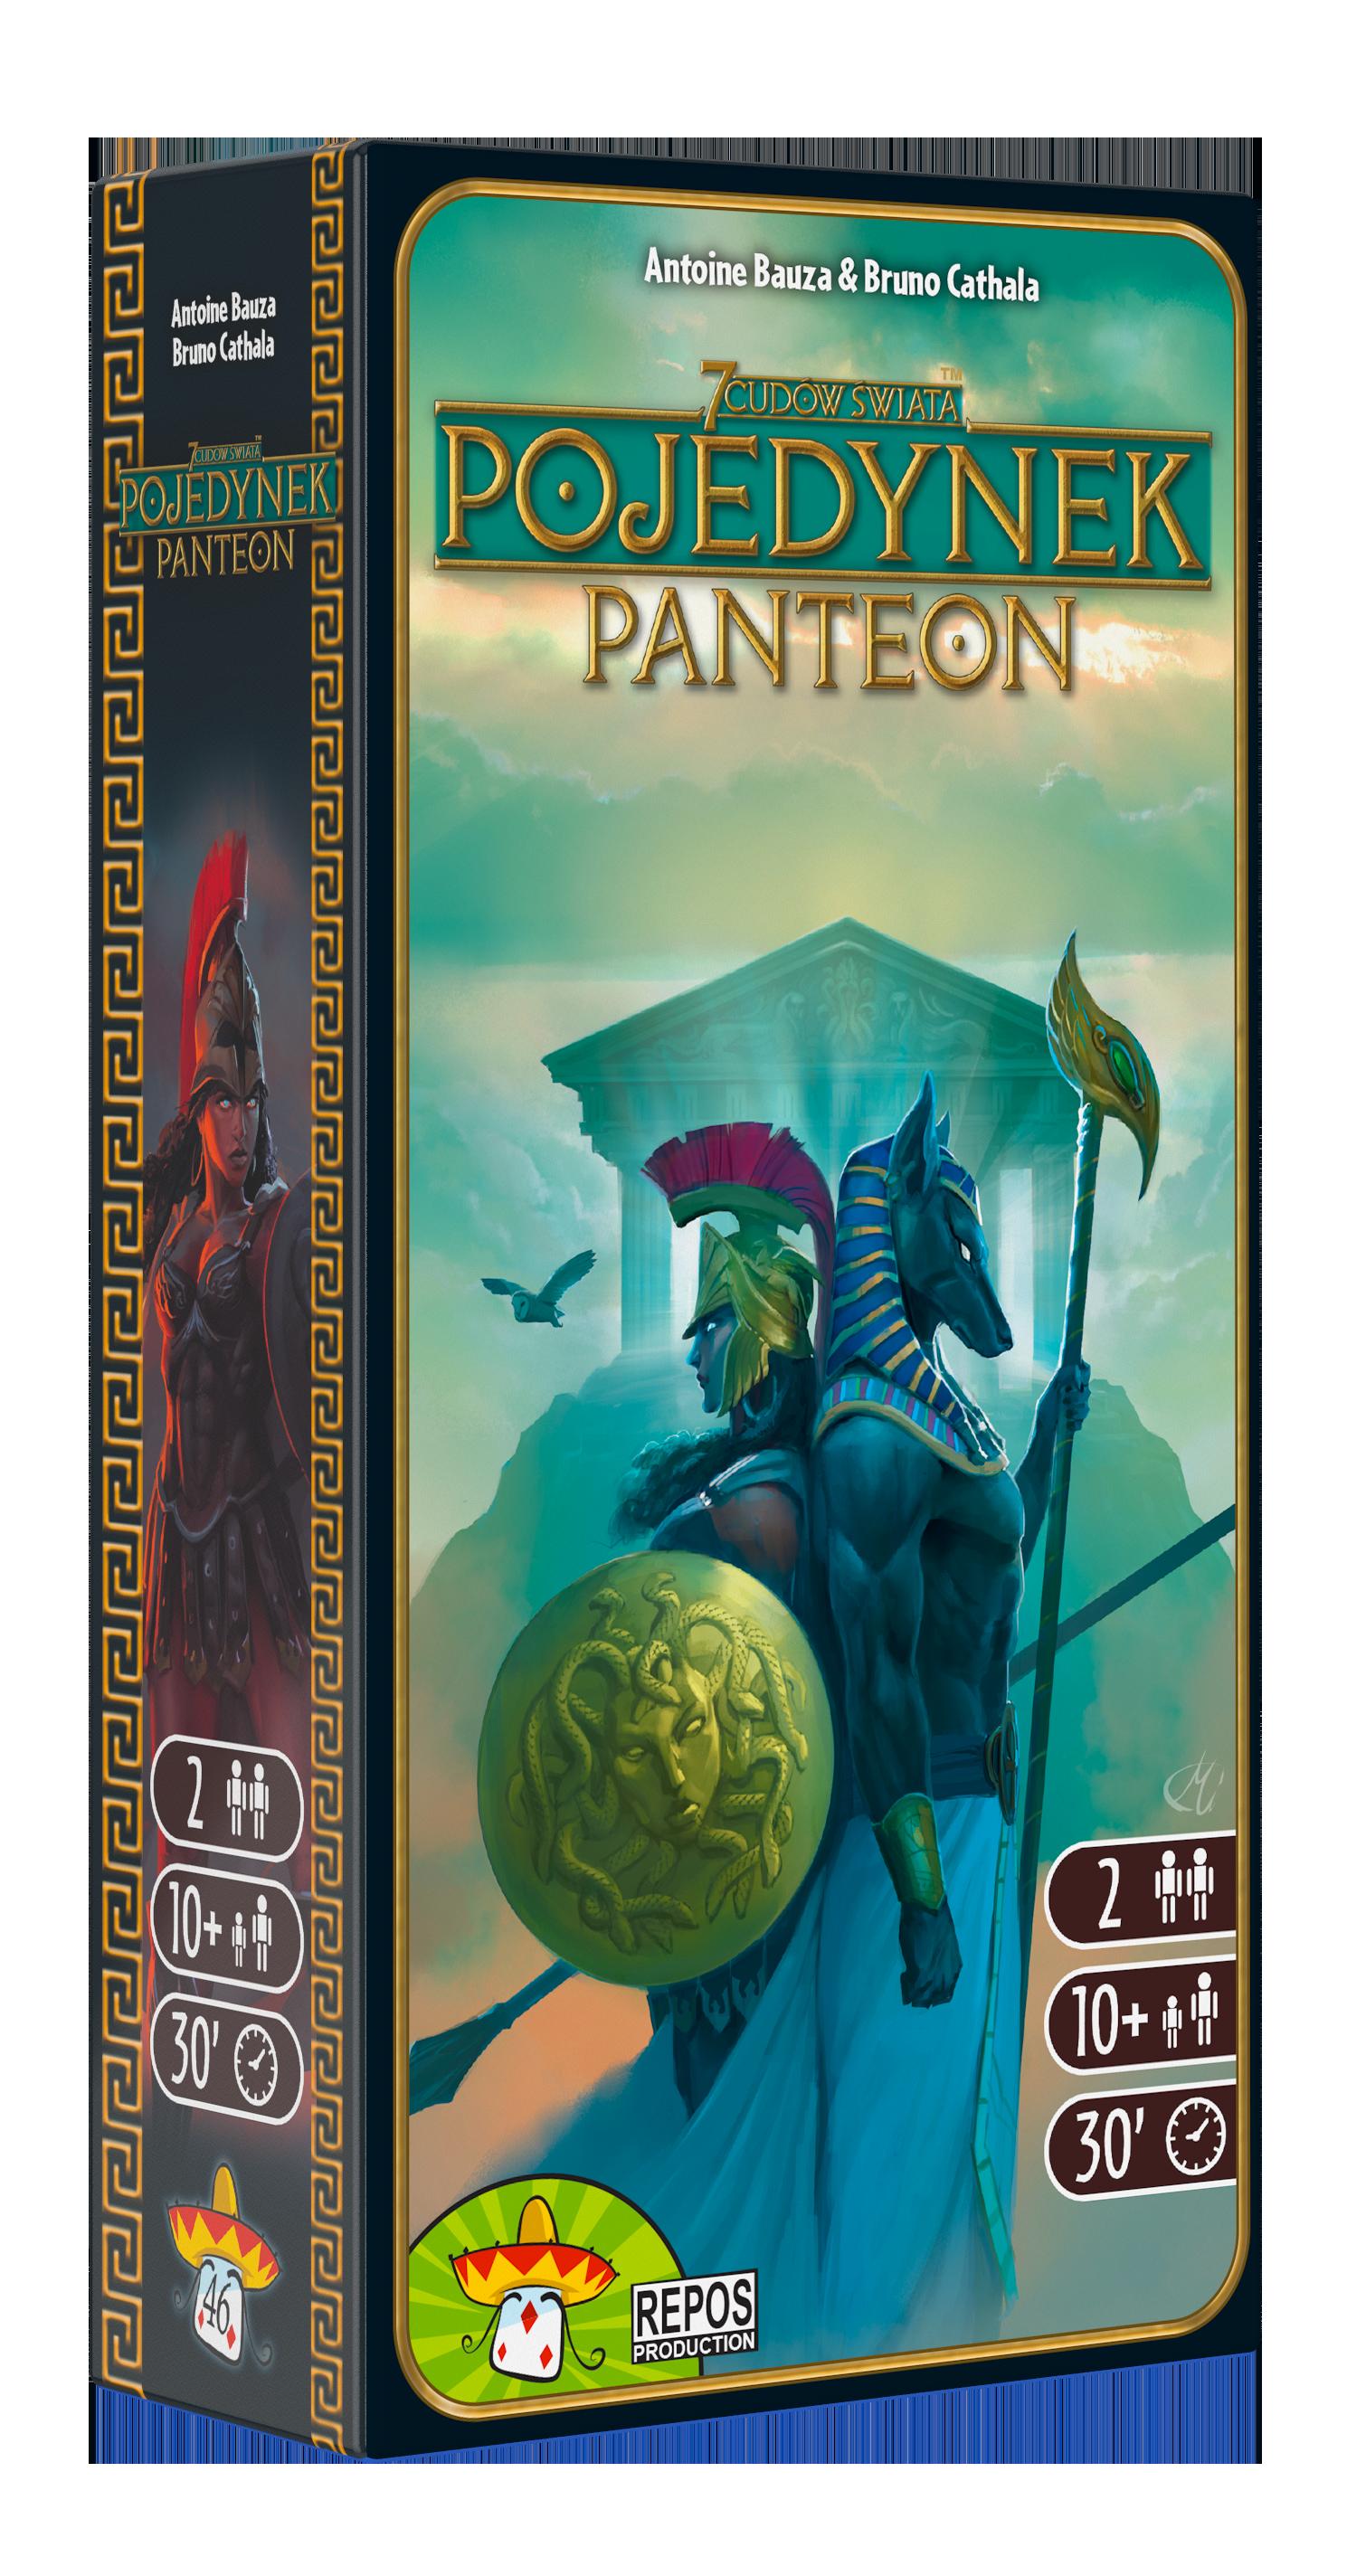 Panteon to: